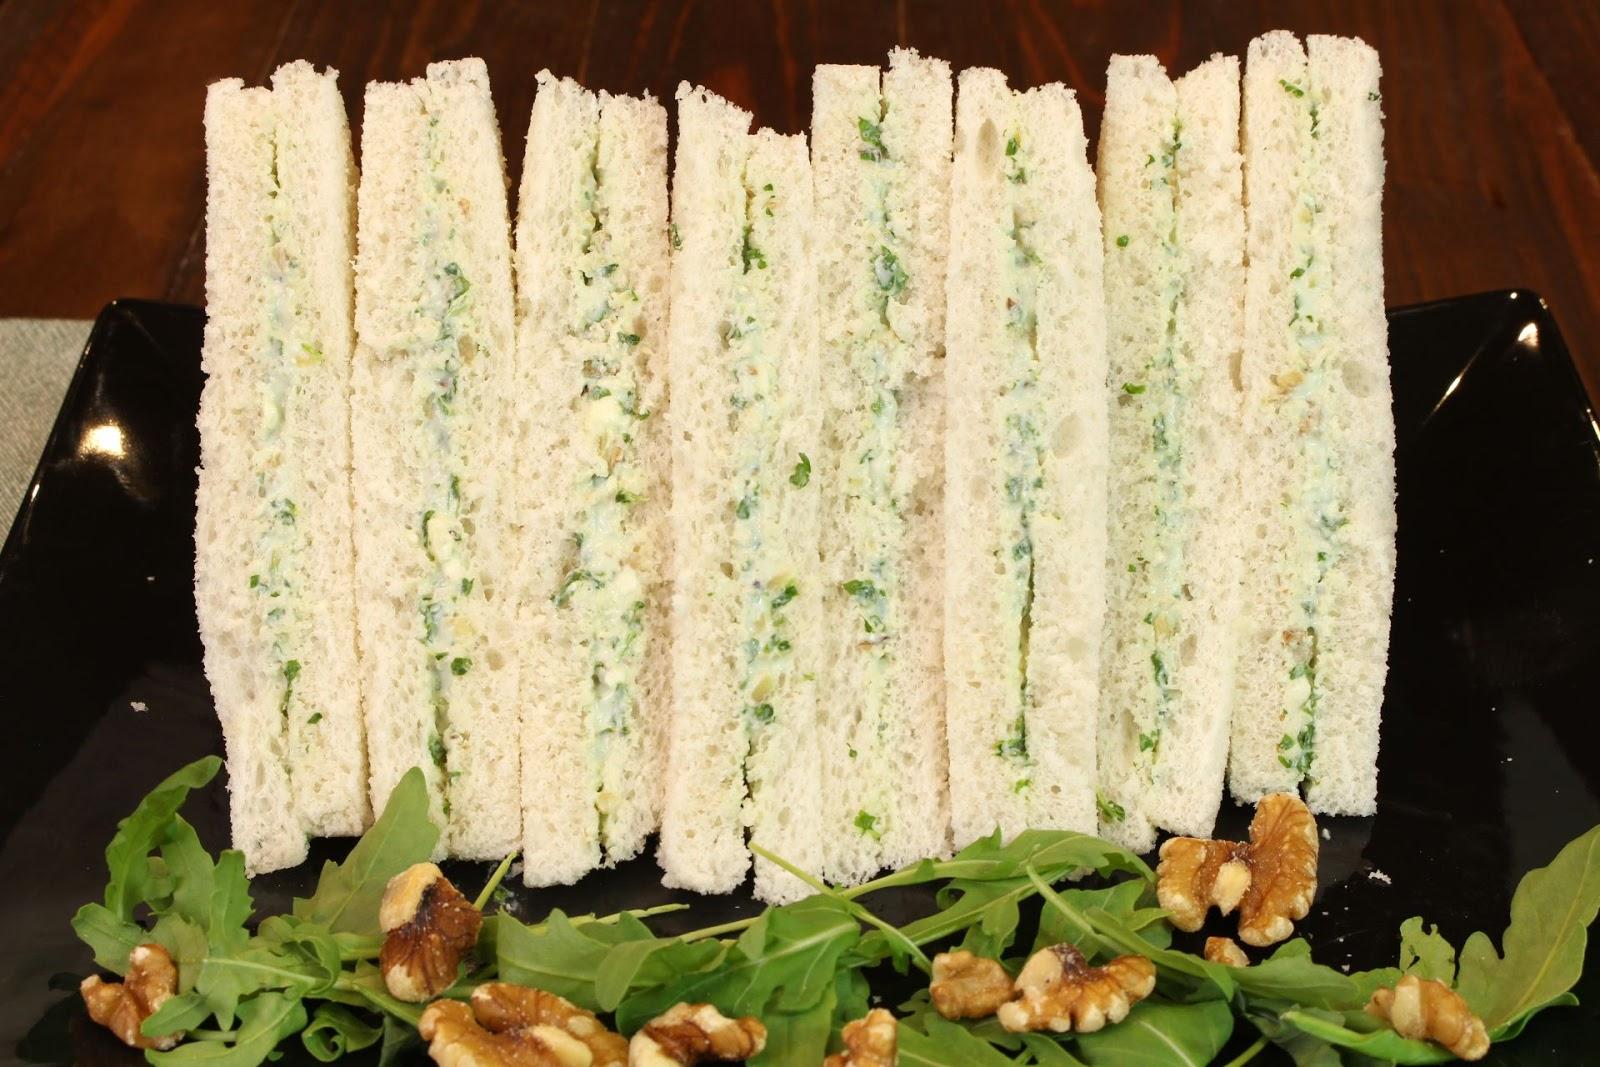 Receta de sandwich de queso azul, rúcula y nueces